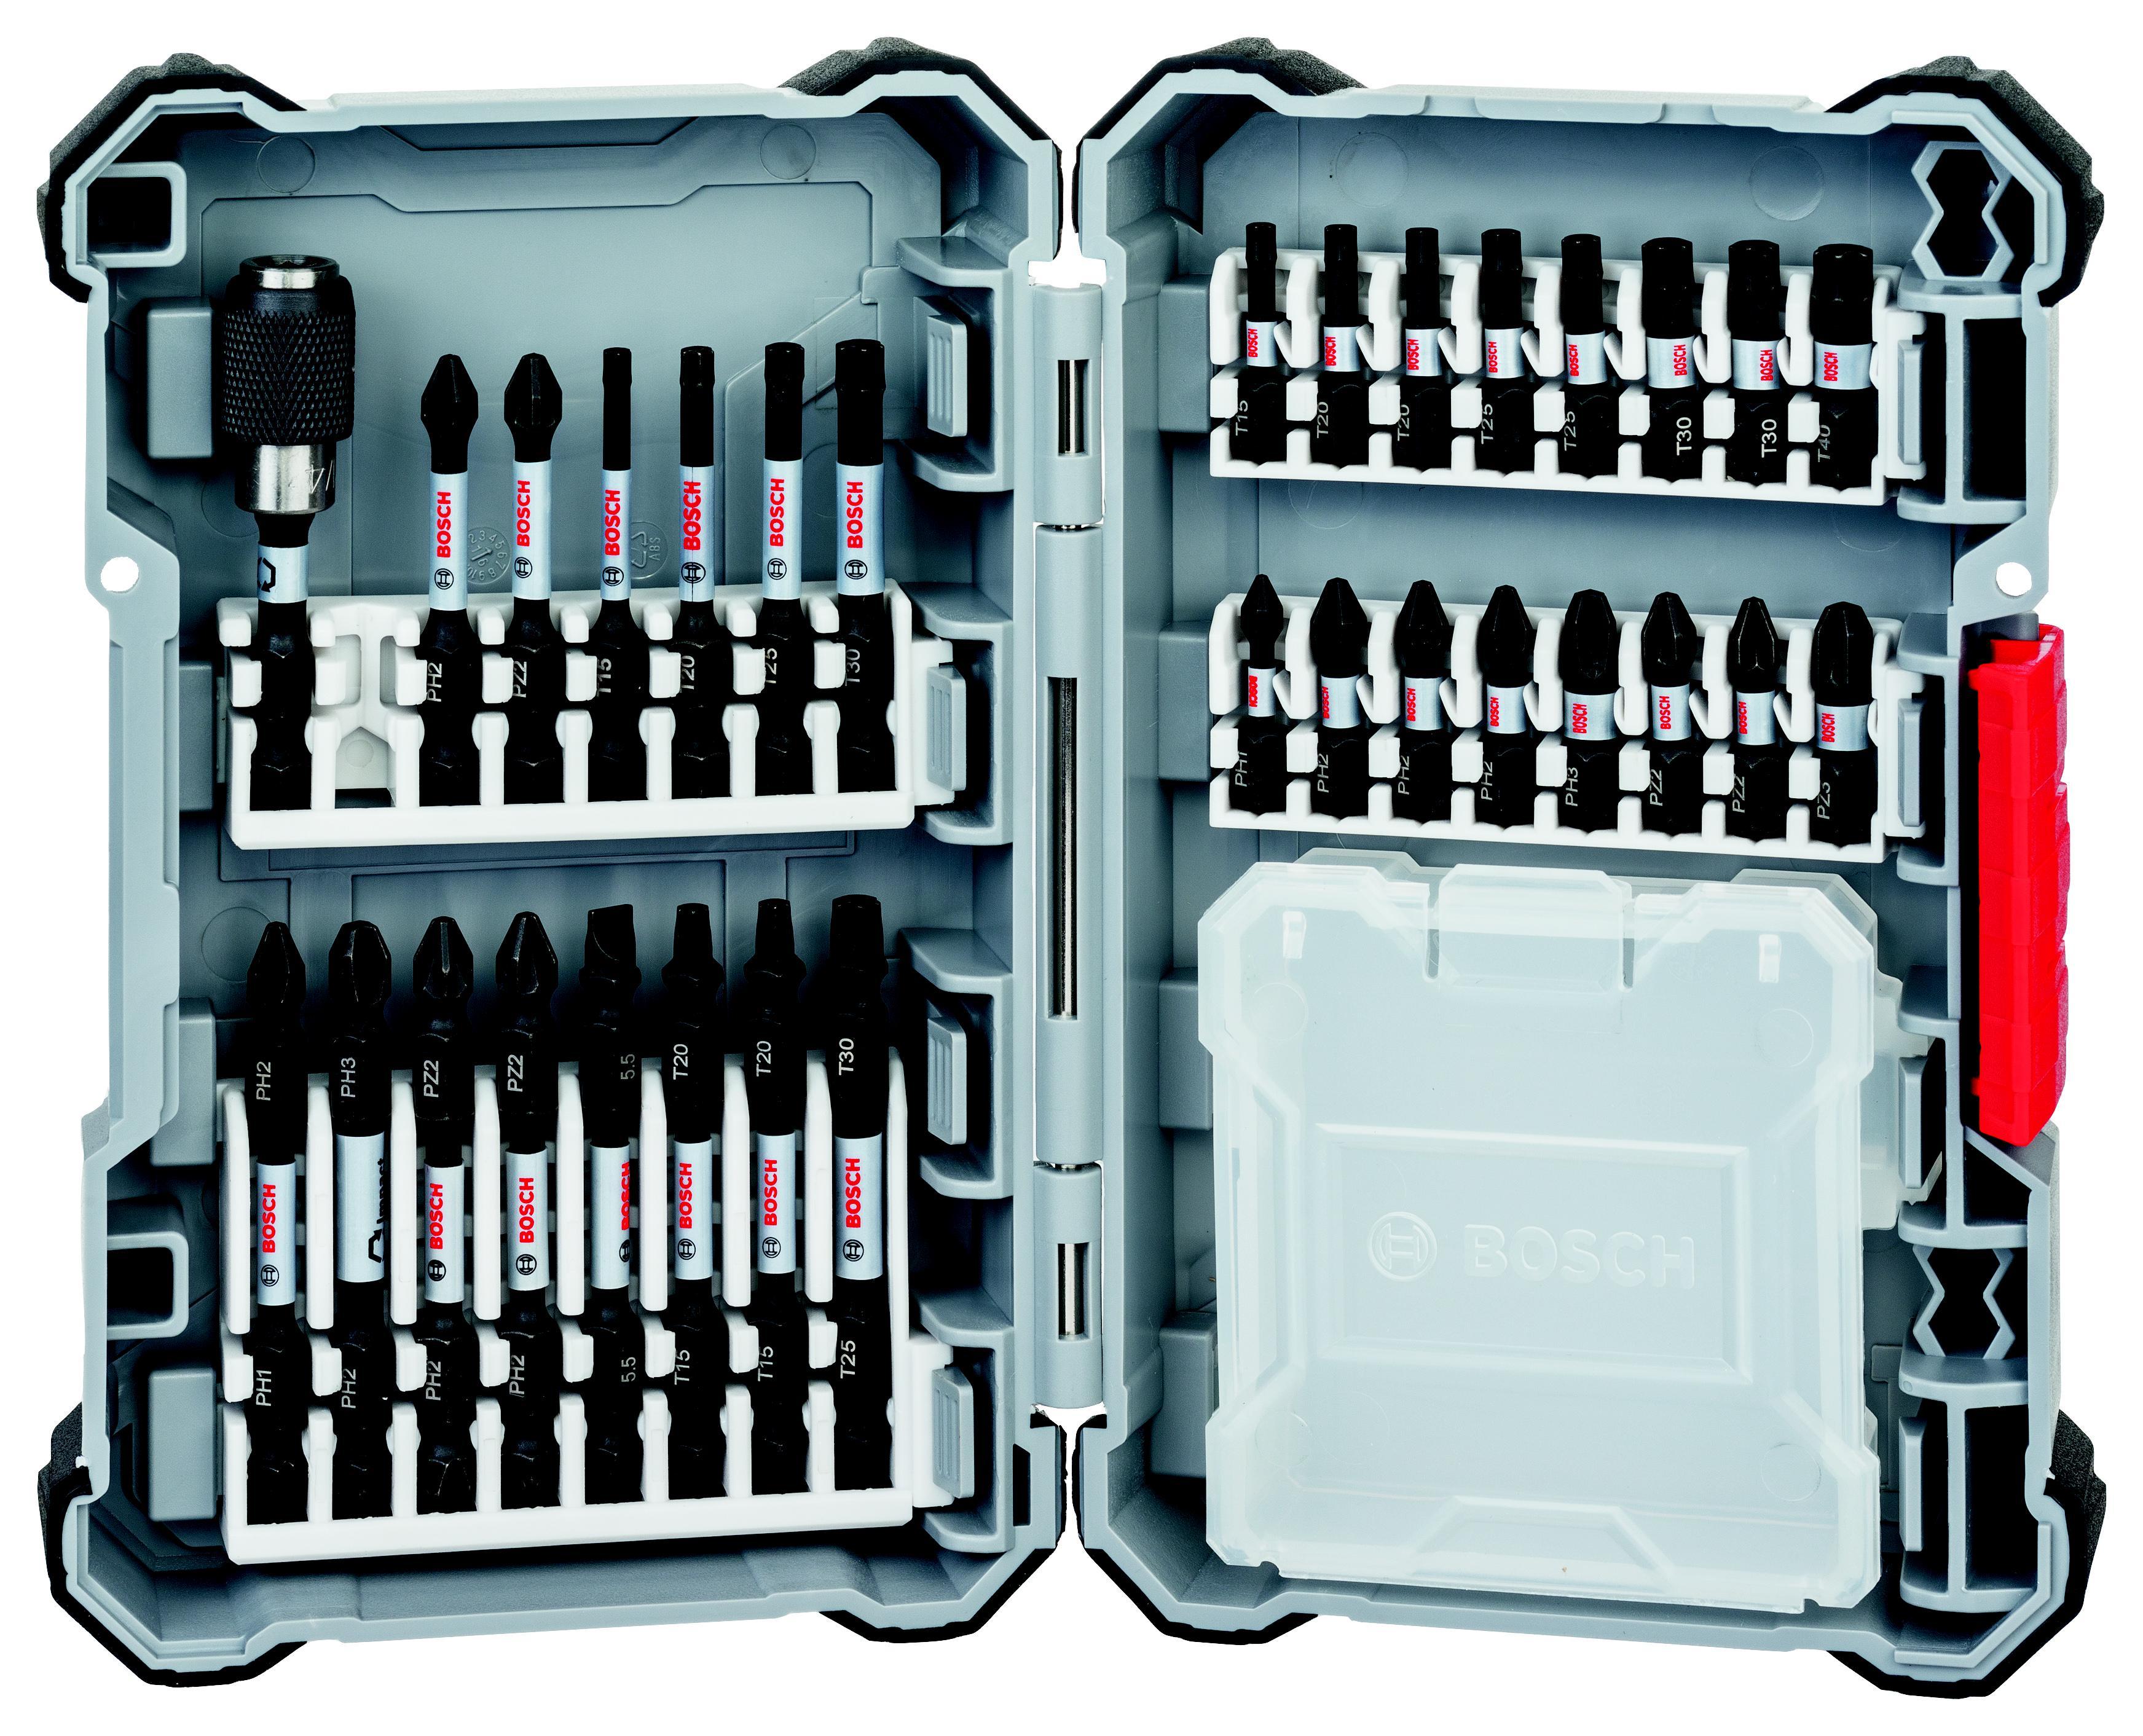 Набор оснастки Bosch 60мм (impact control 2.608.522.366) набор оснастки bosch impact control 2 608 522 365 проф биты держатели и торц ключи